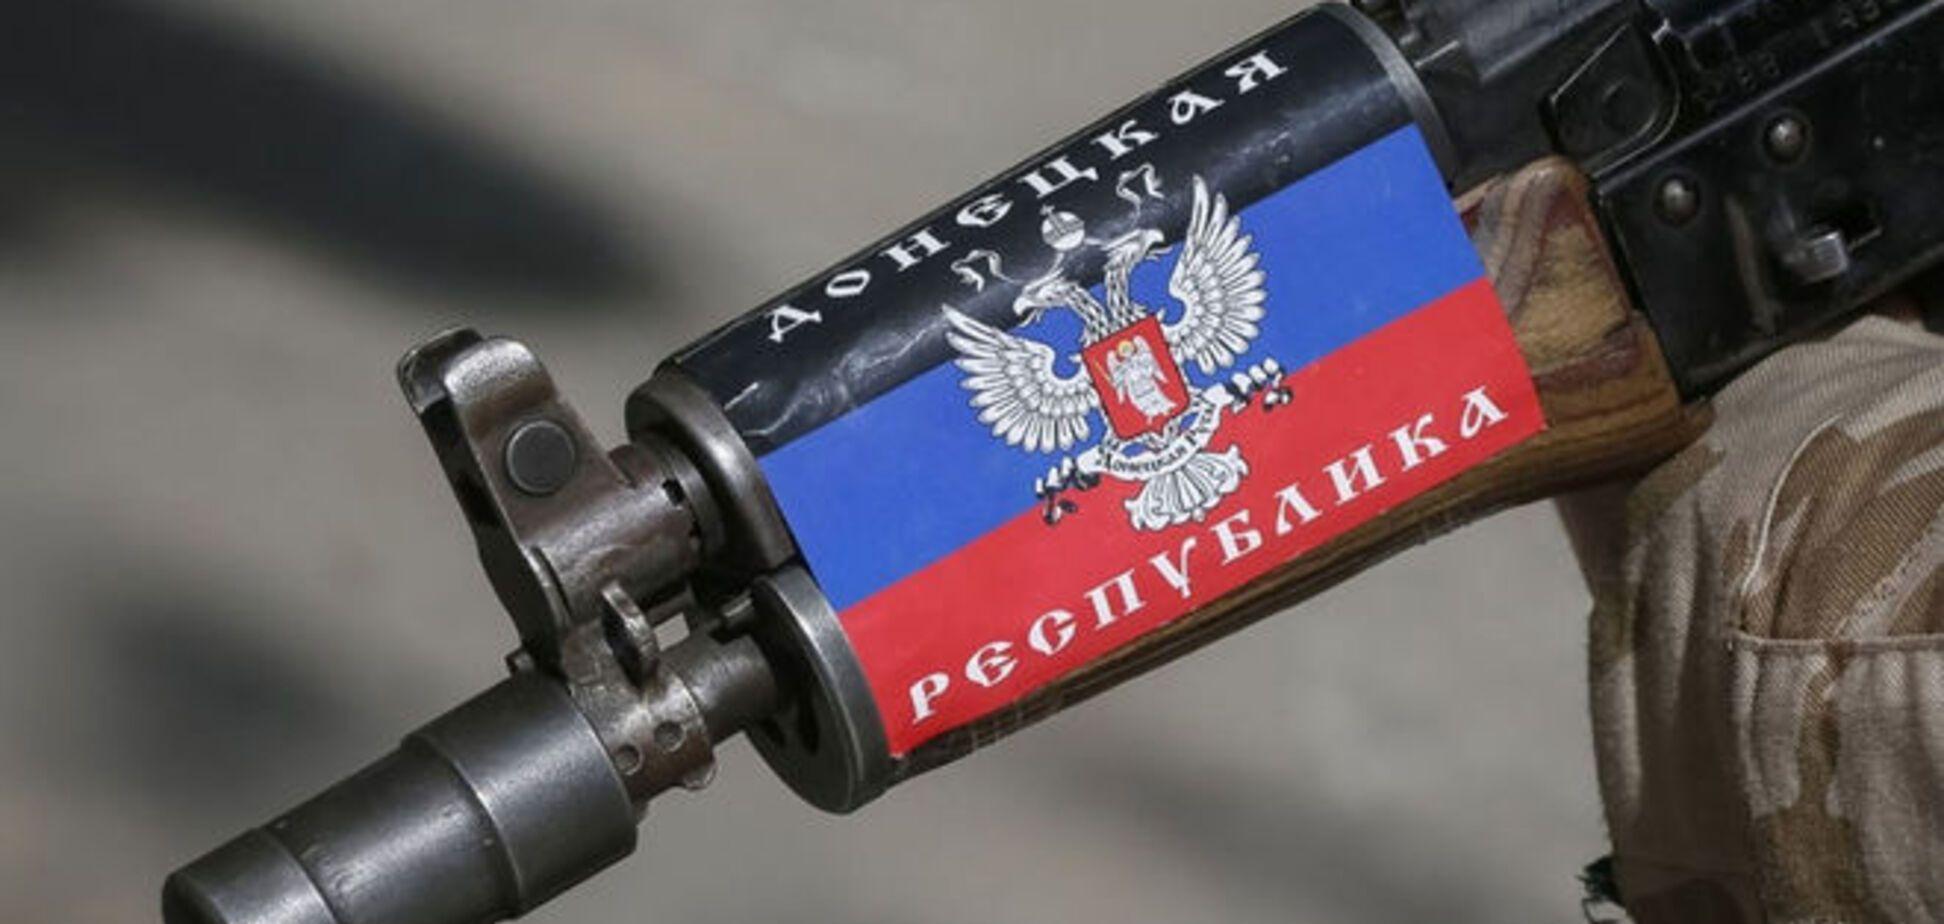 Будни 'ДНР': в Калиновке расстреляли члена местной 'комендатуры'